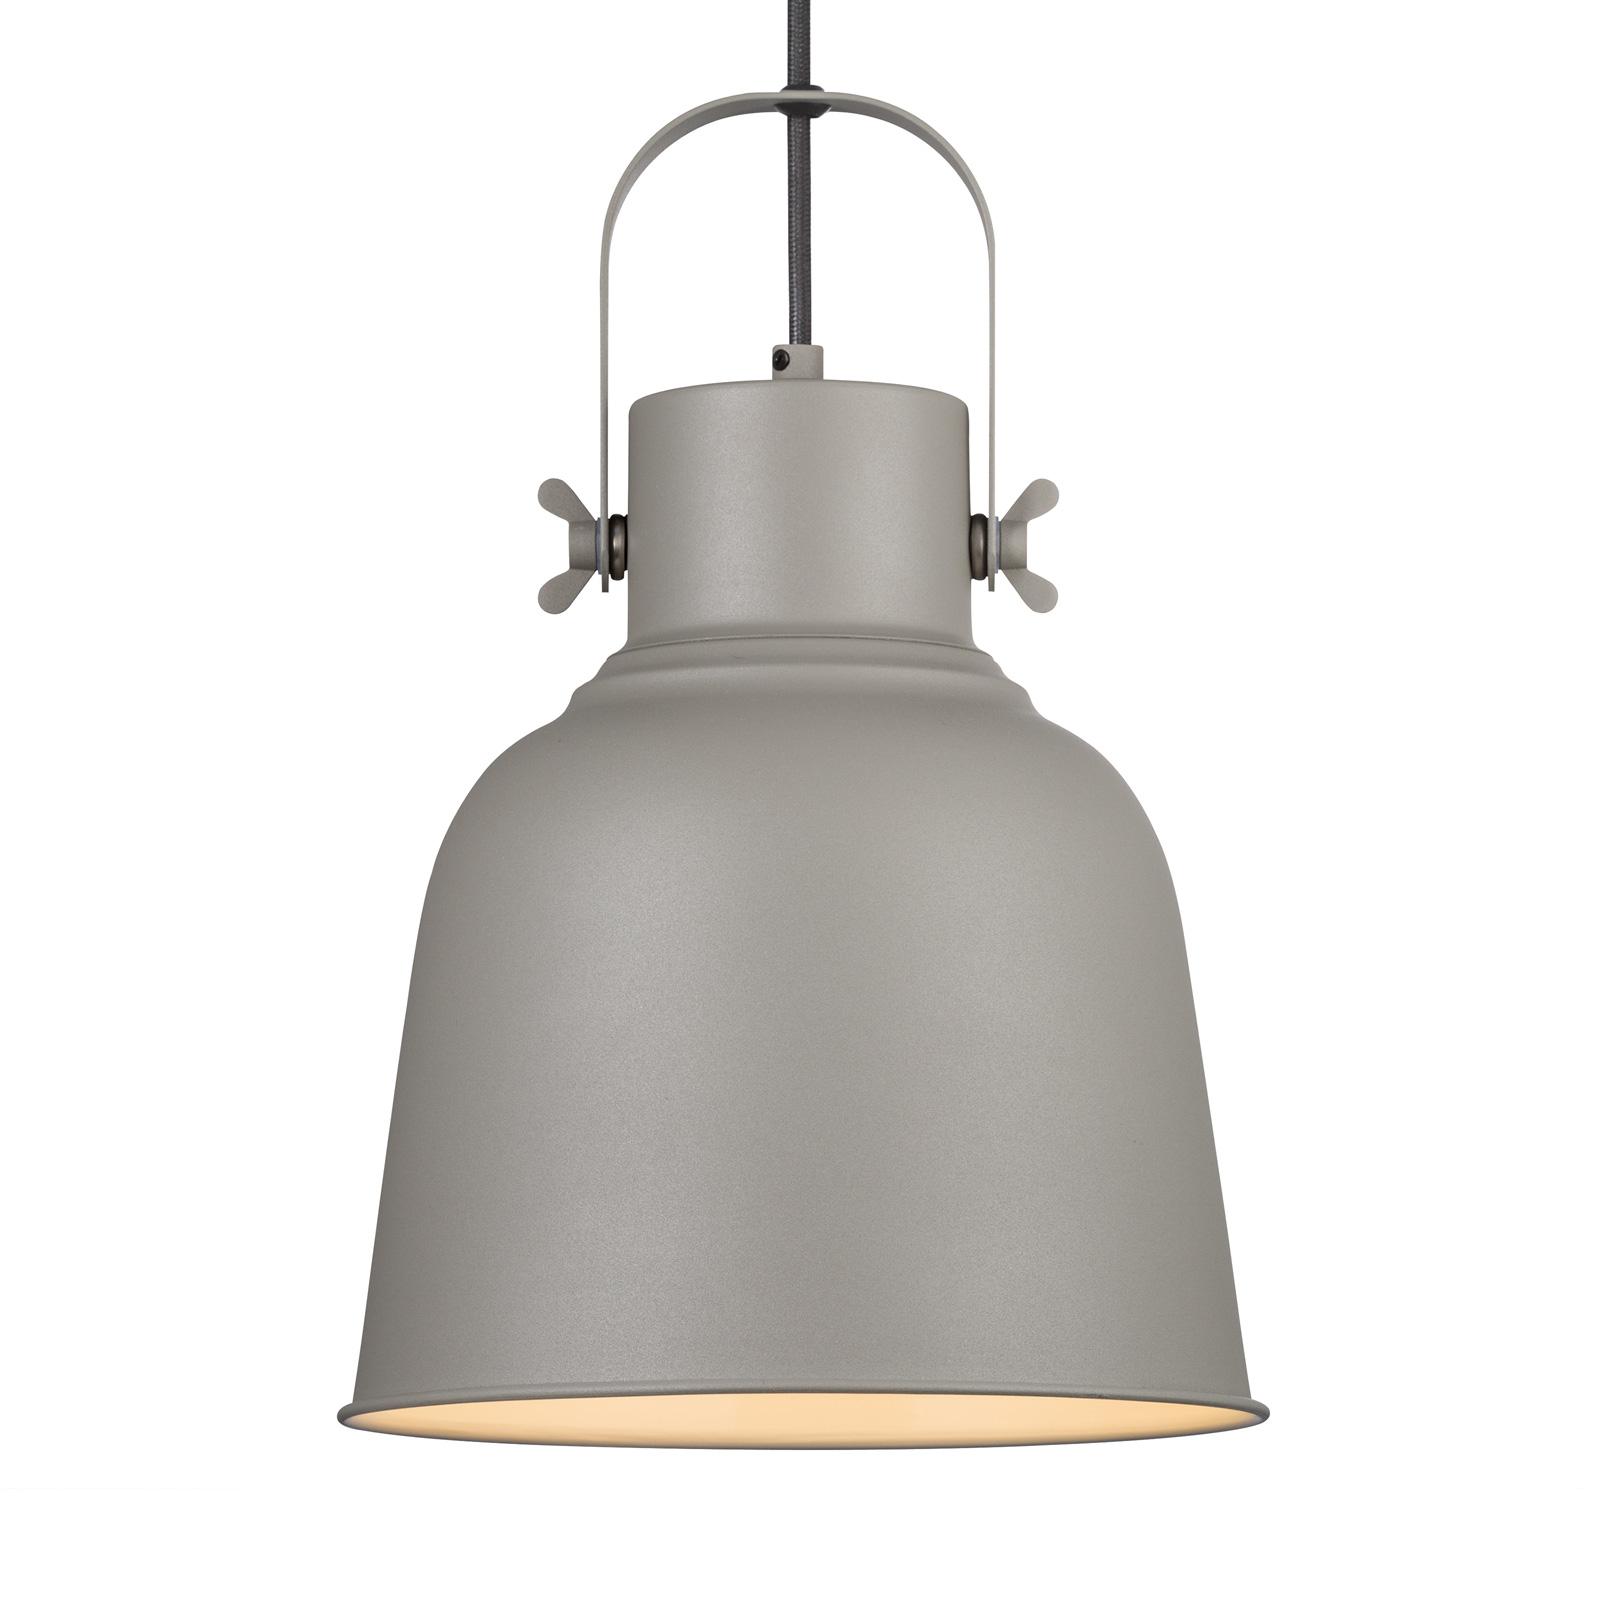 Hanglamp Adrian in grijs, Ø 25cm